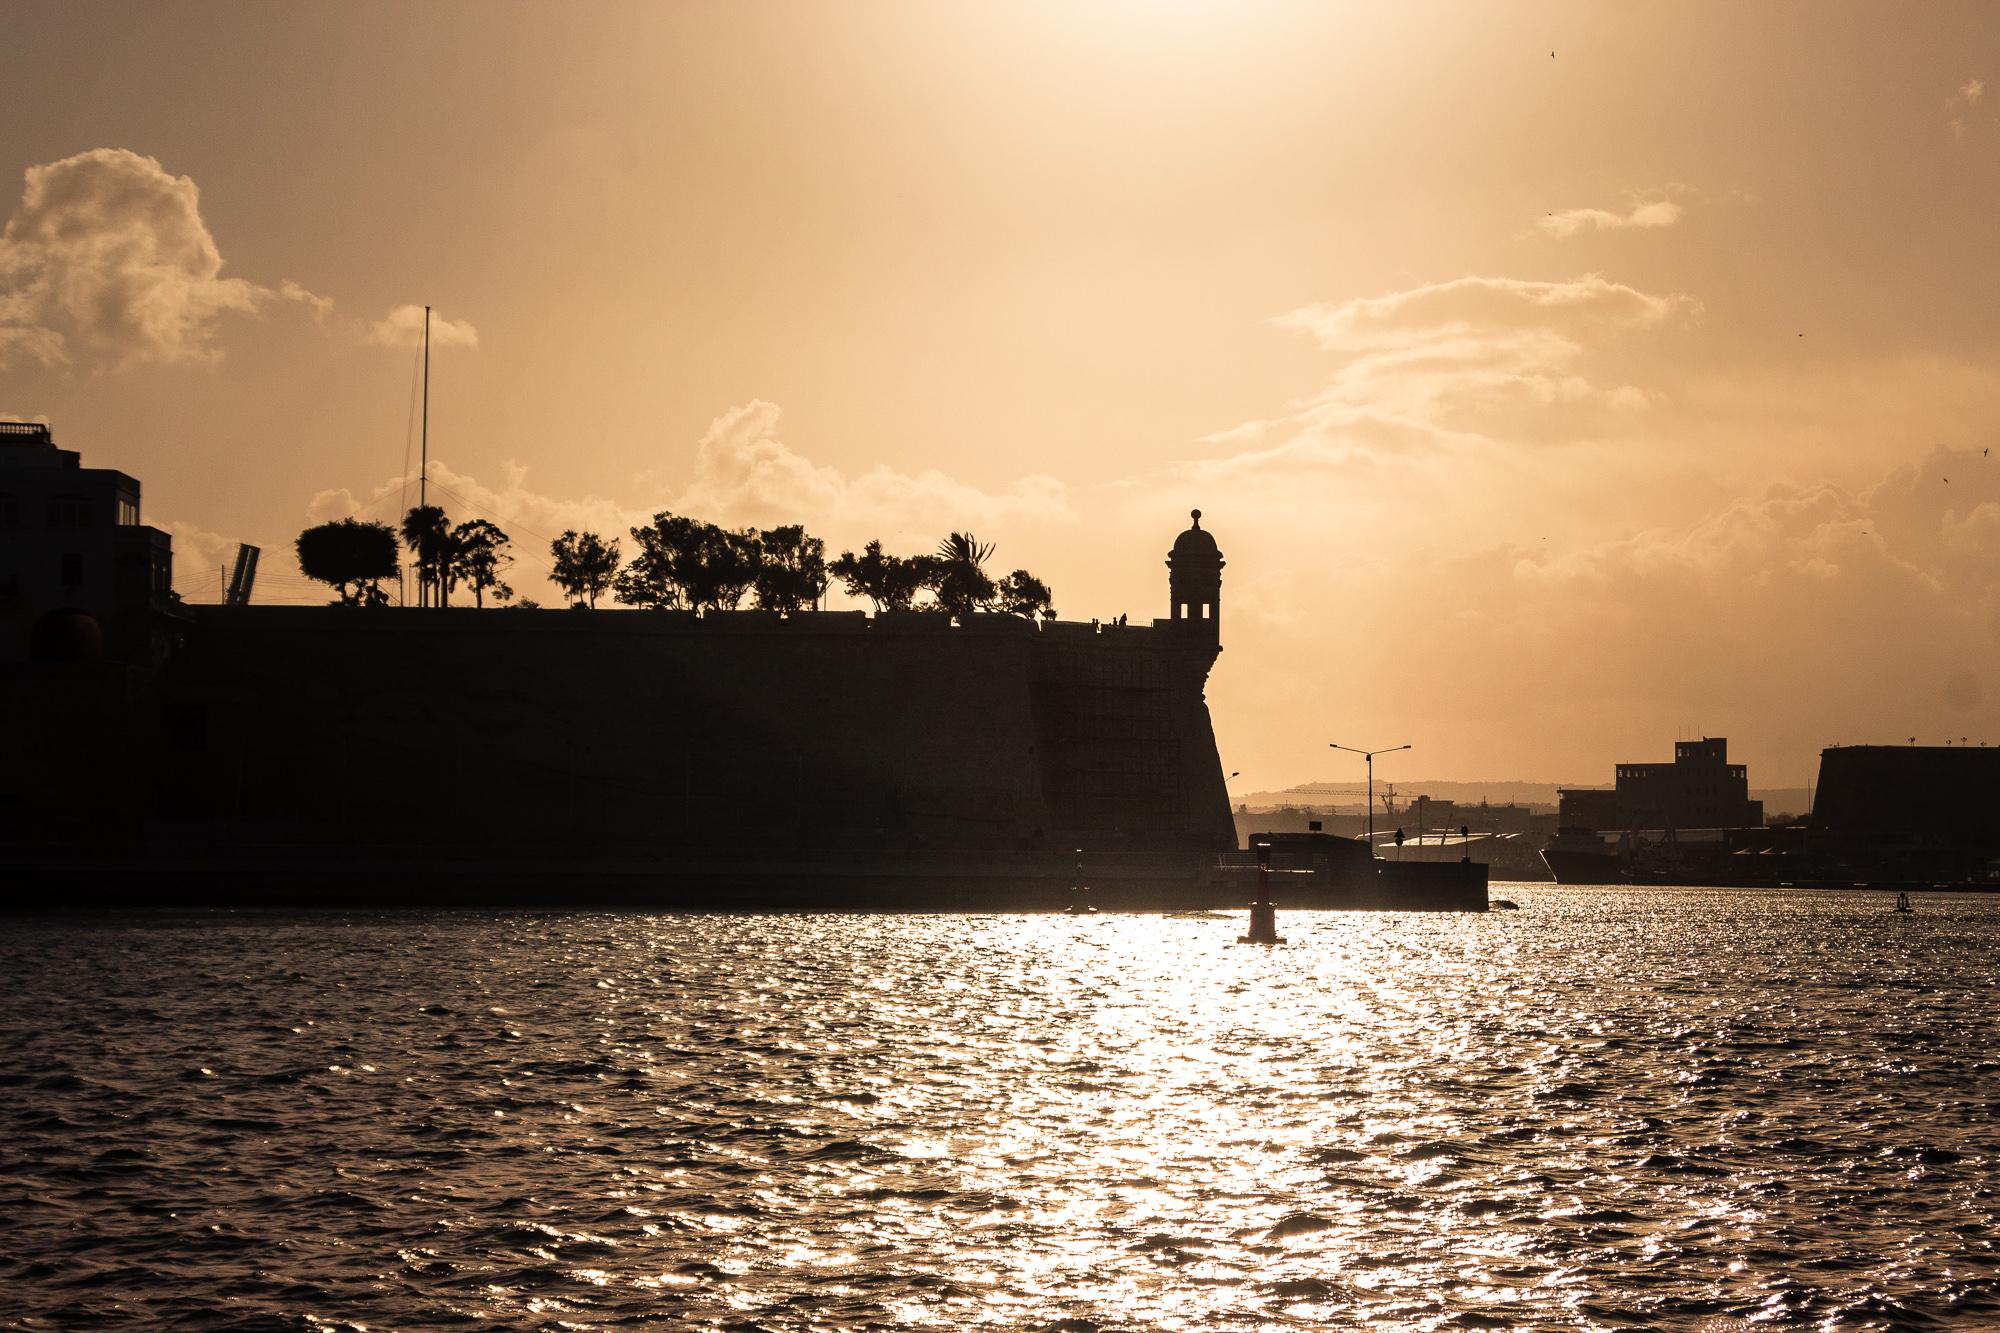 coucher de soleil 3 cités malte